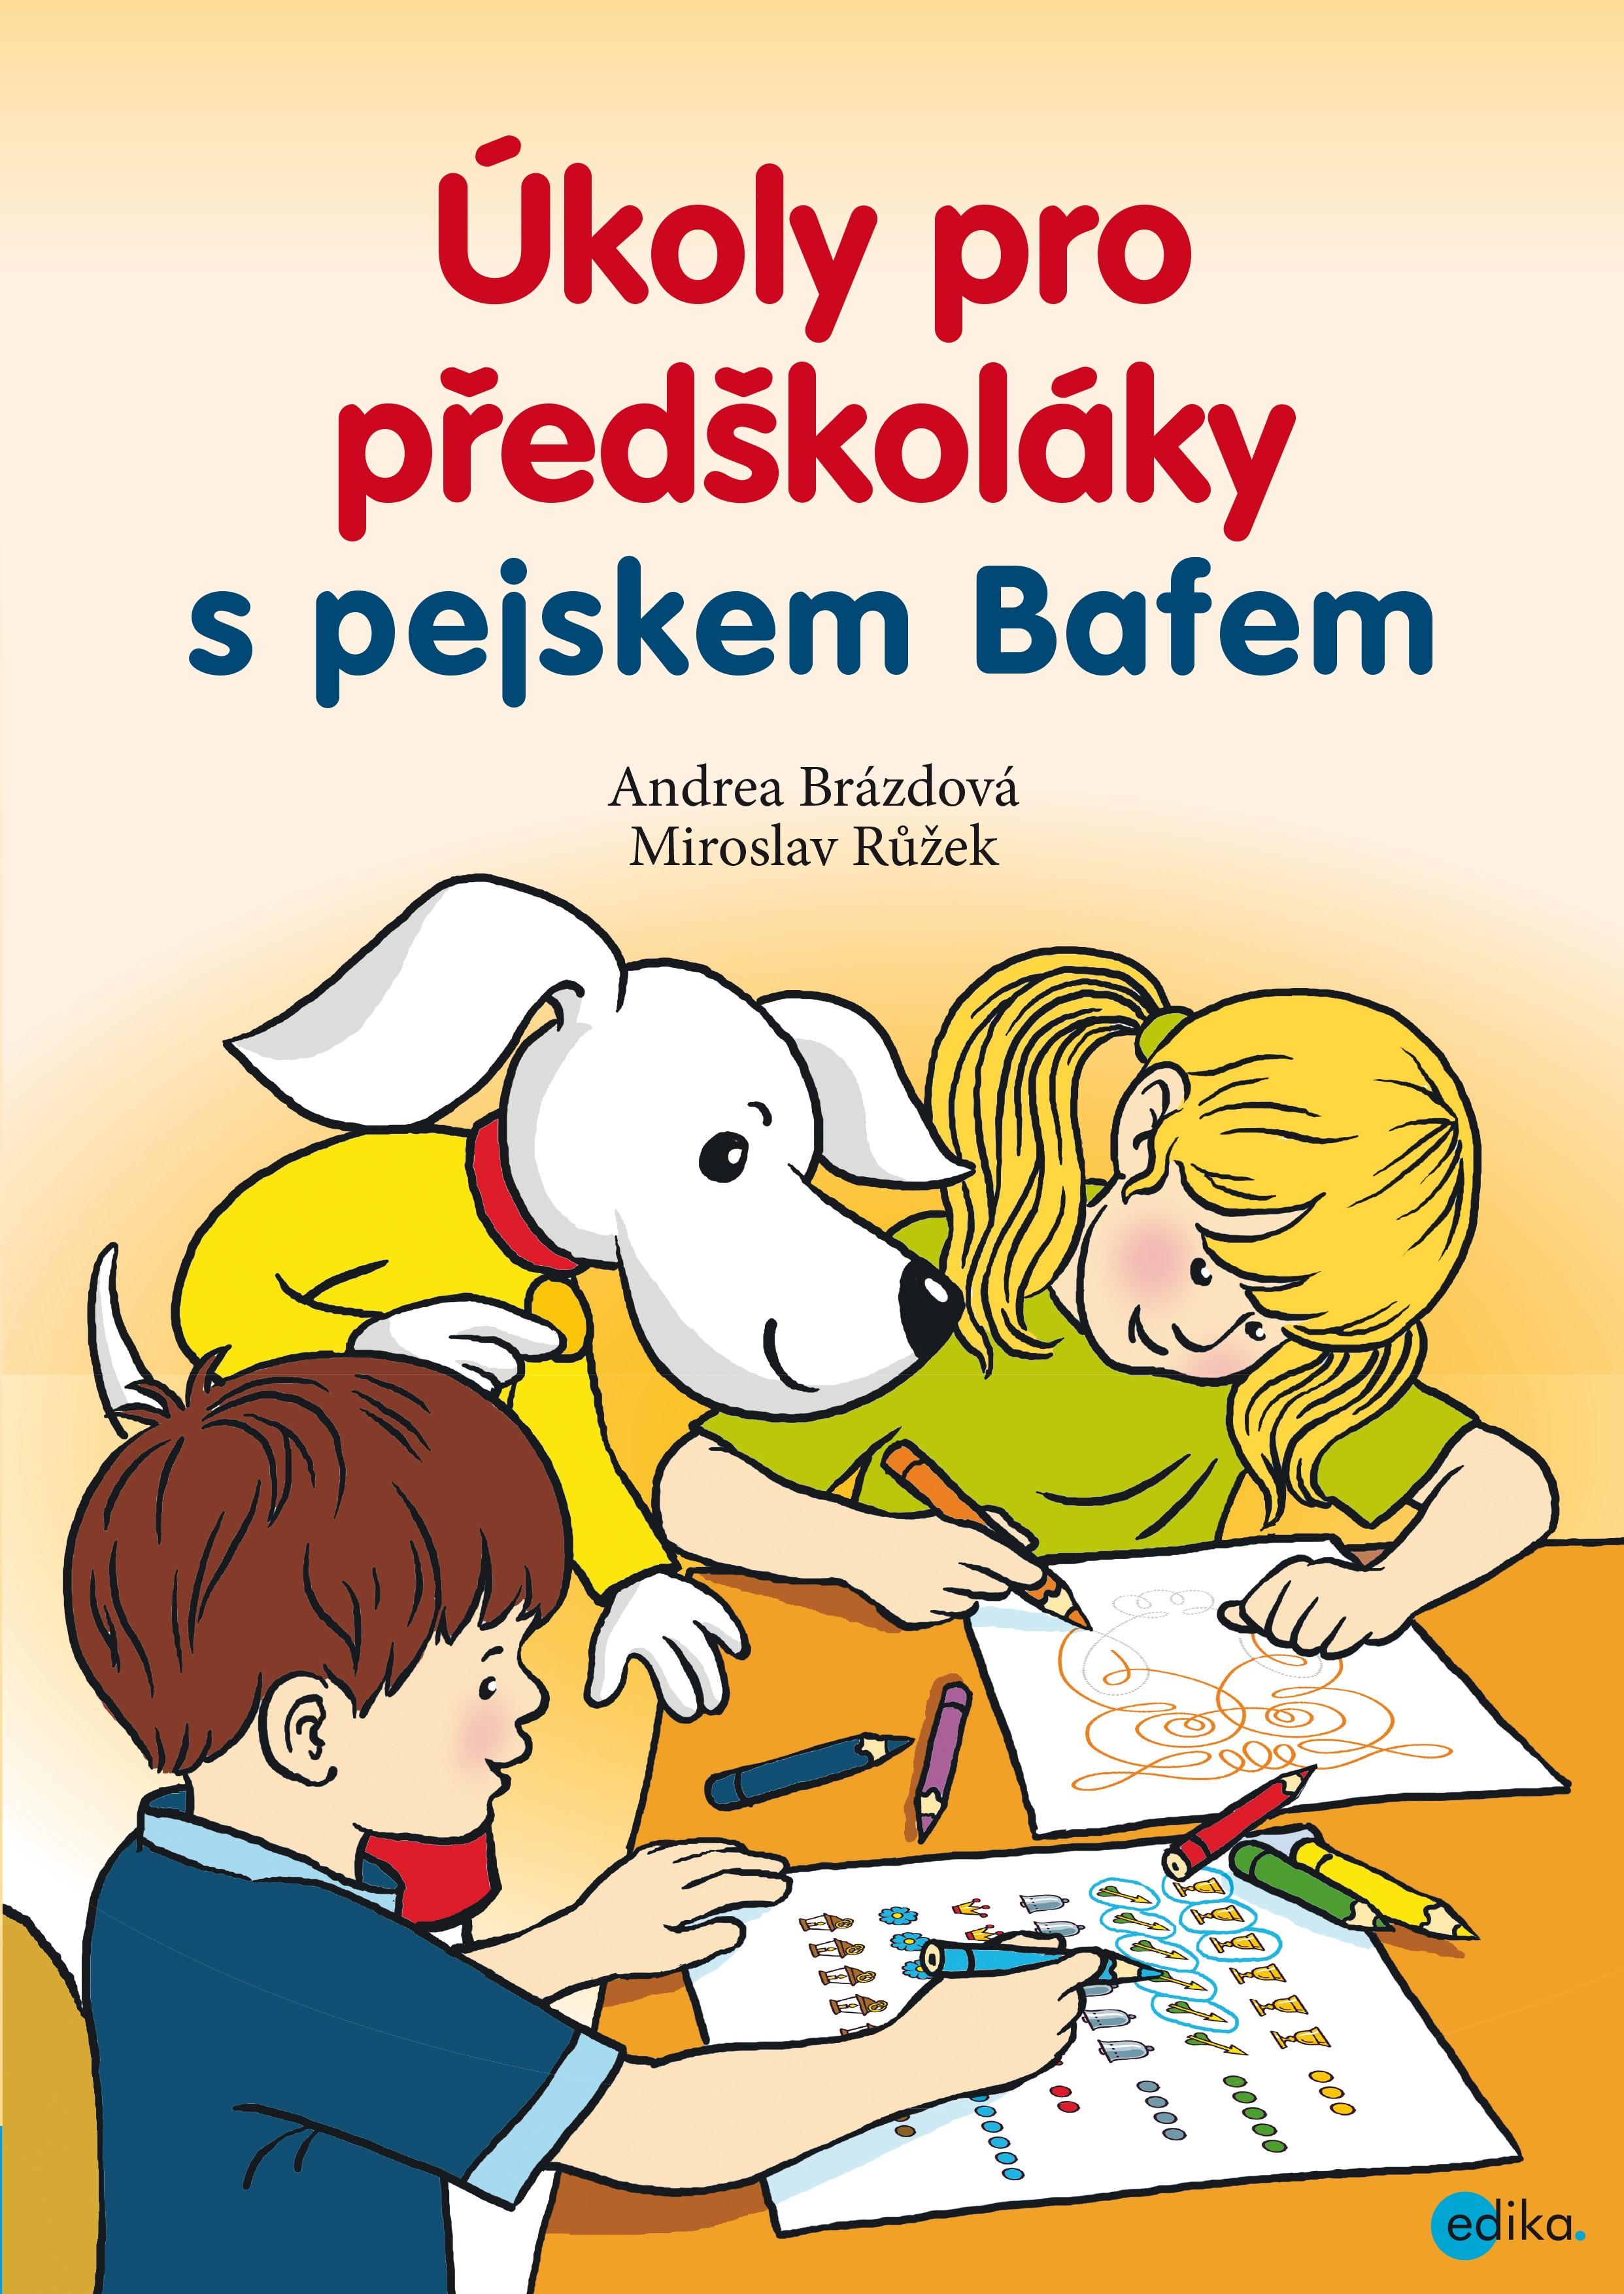 Úkoly pro předškoláky s pejskem Bafem | Miroslav Růžek, Andrea Brázdová